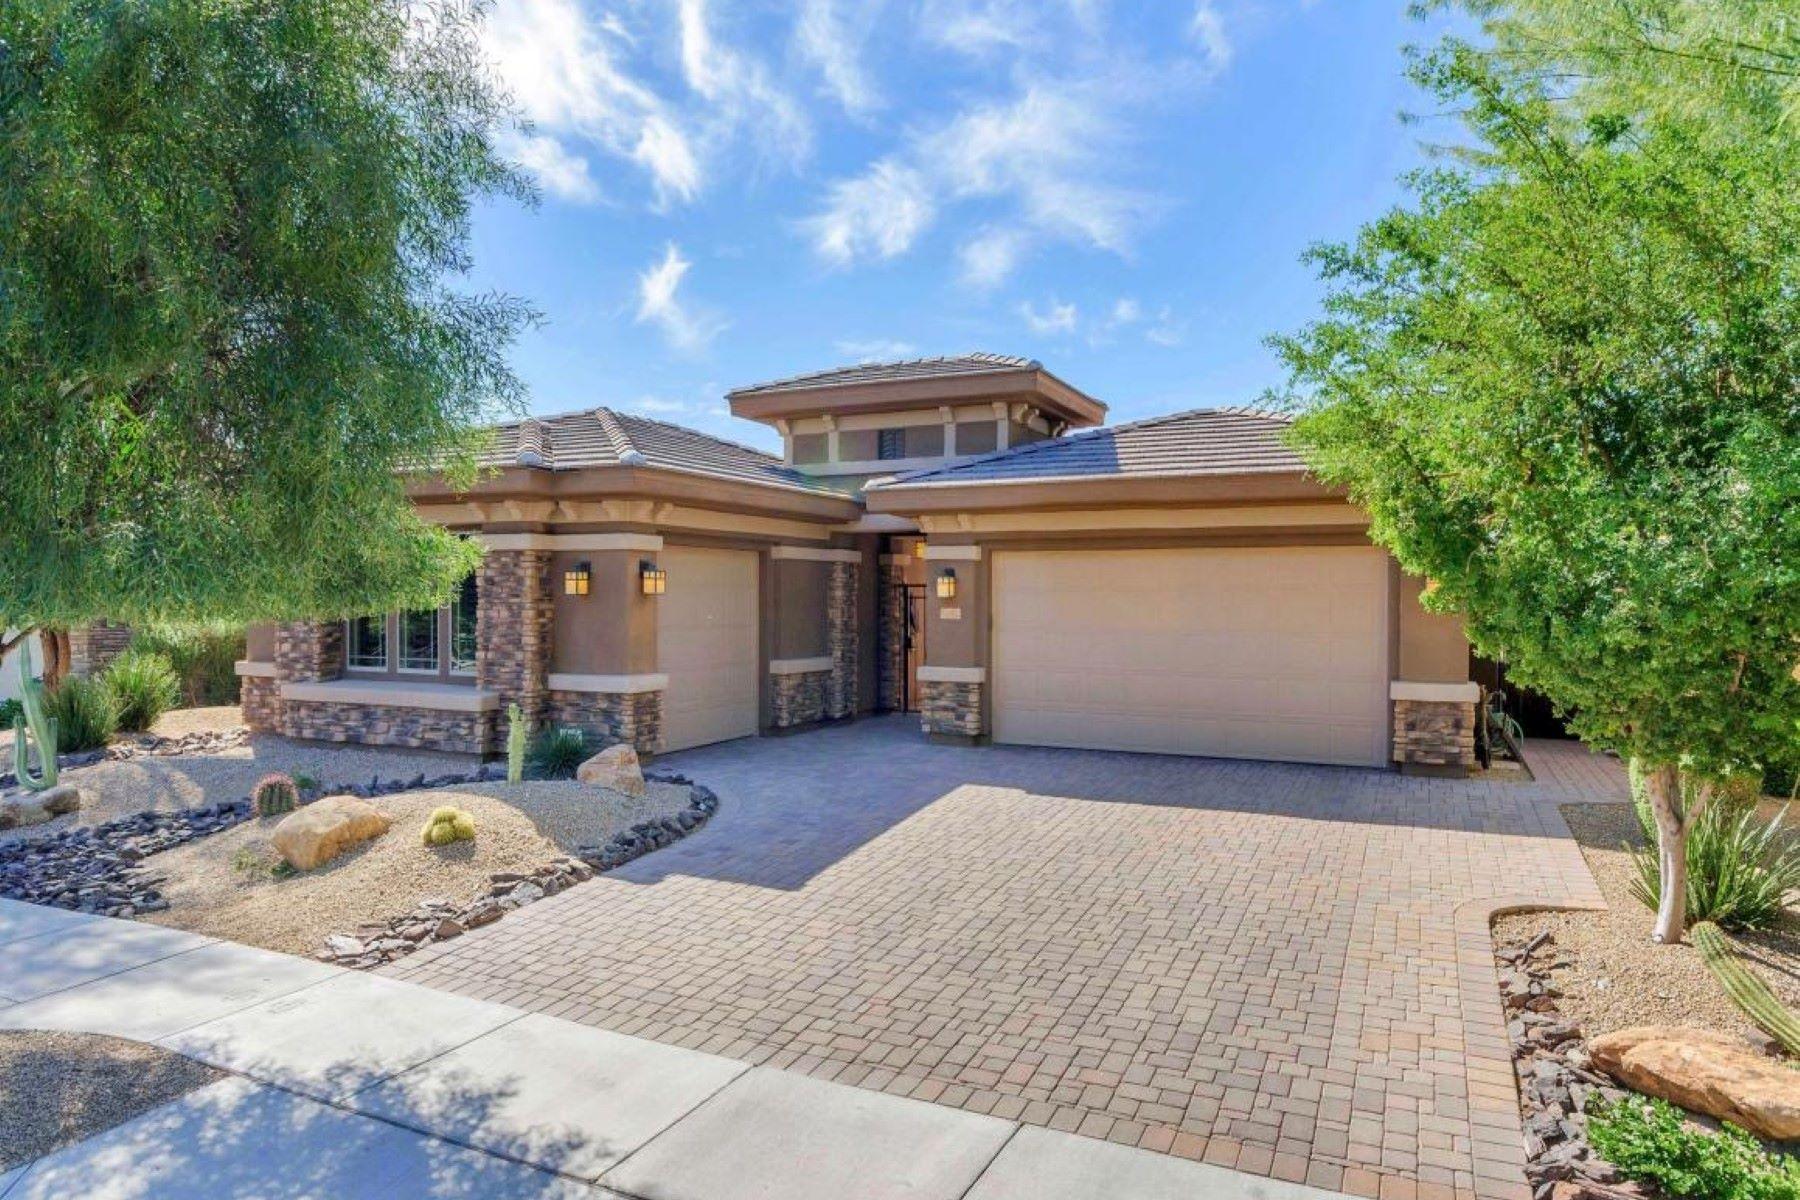 Einfamilienhaus für Verkauf beim Stunningly beautiful home in Sonoran Foothills 1725 W Burnside Trl Phoenix, Arizona, 85085 Vereinigte Staaten